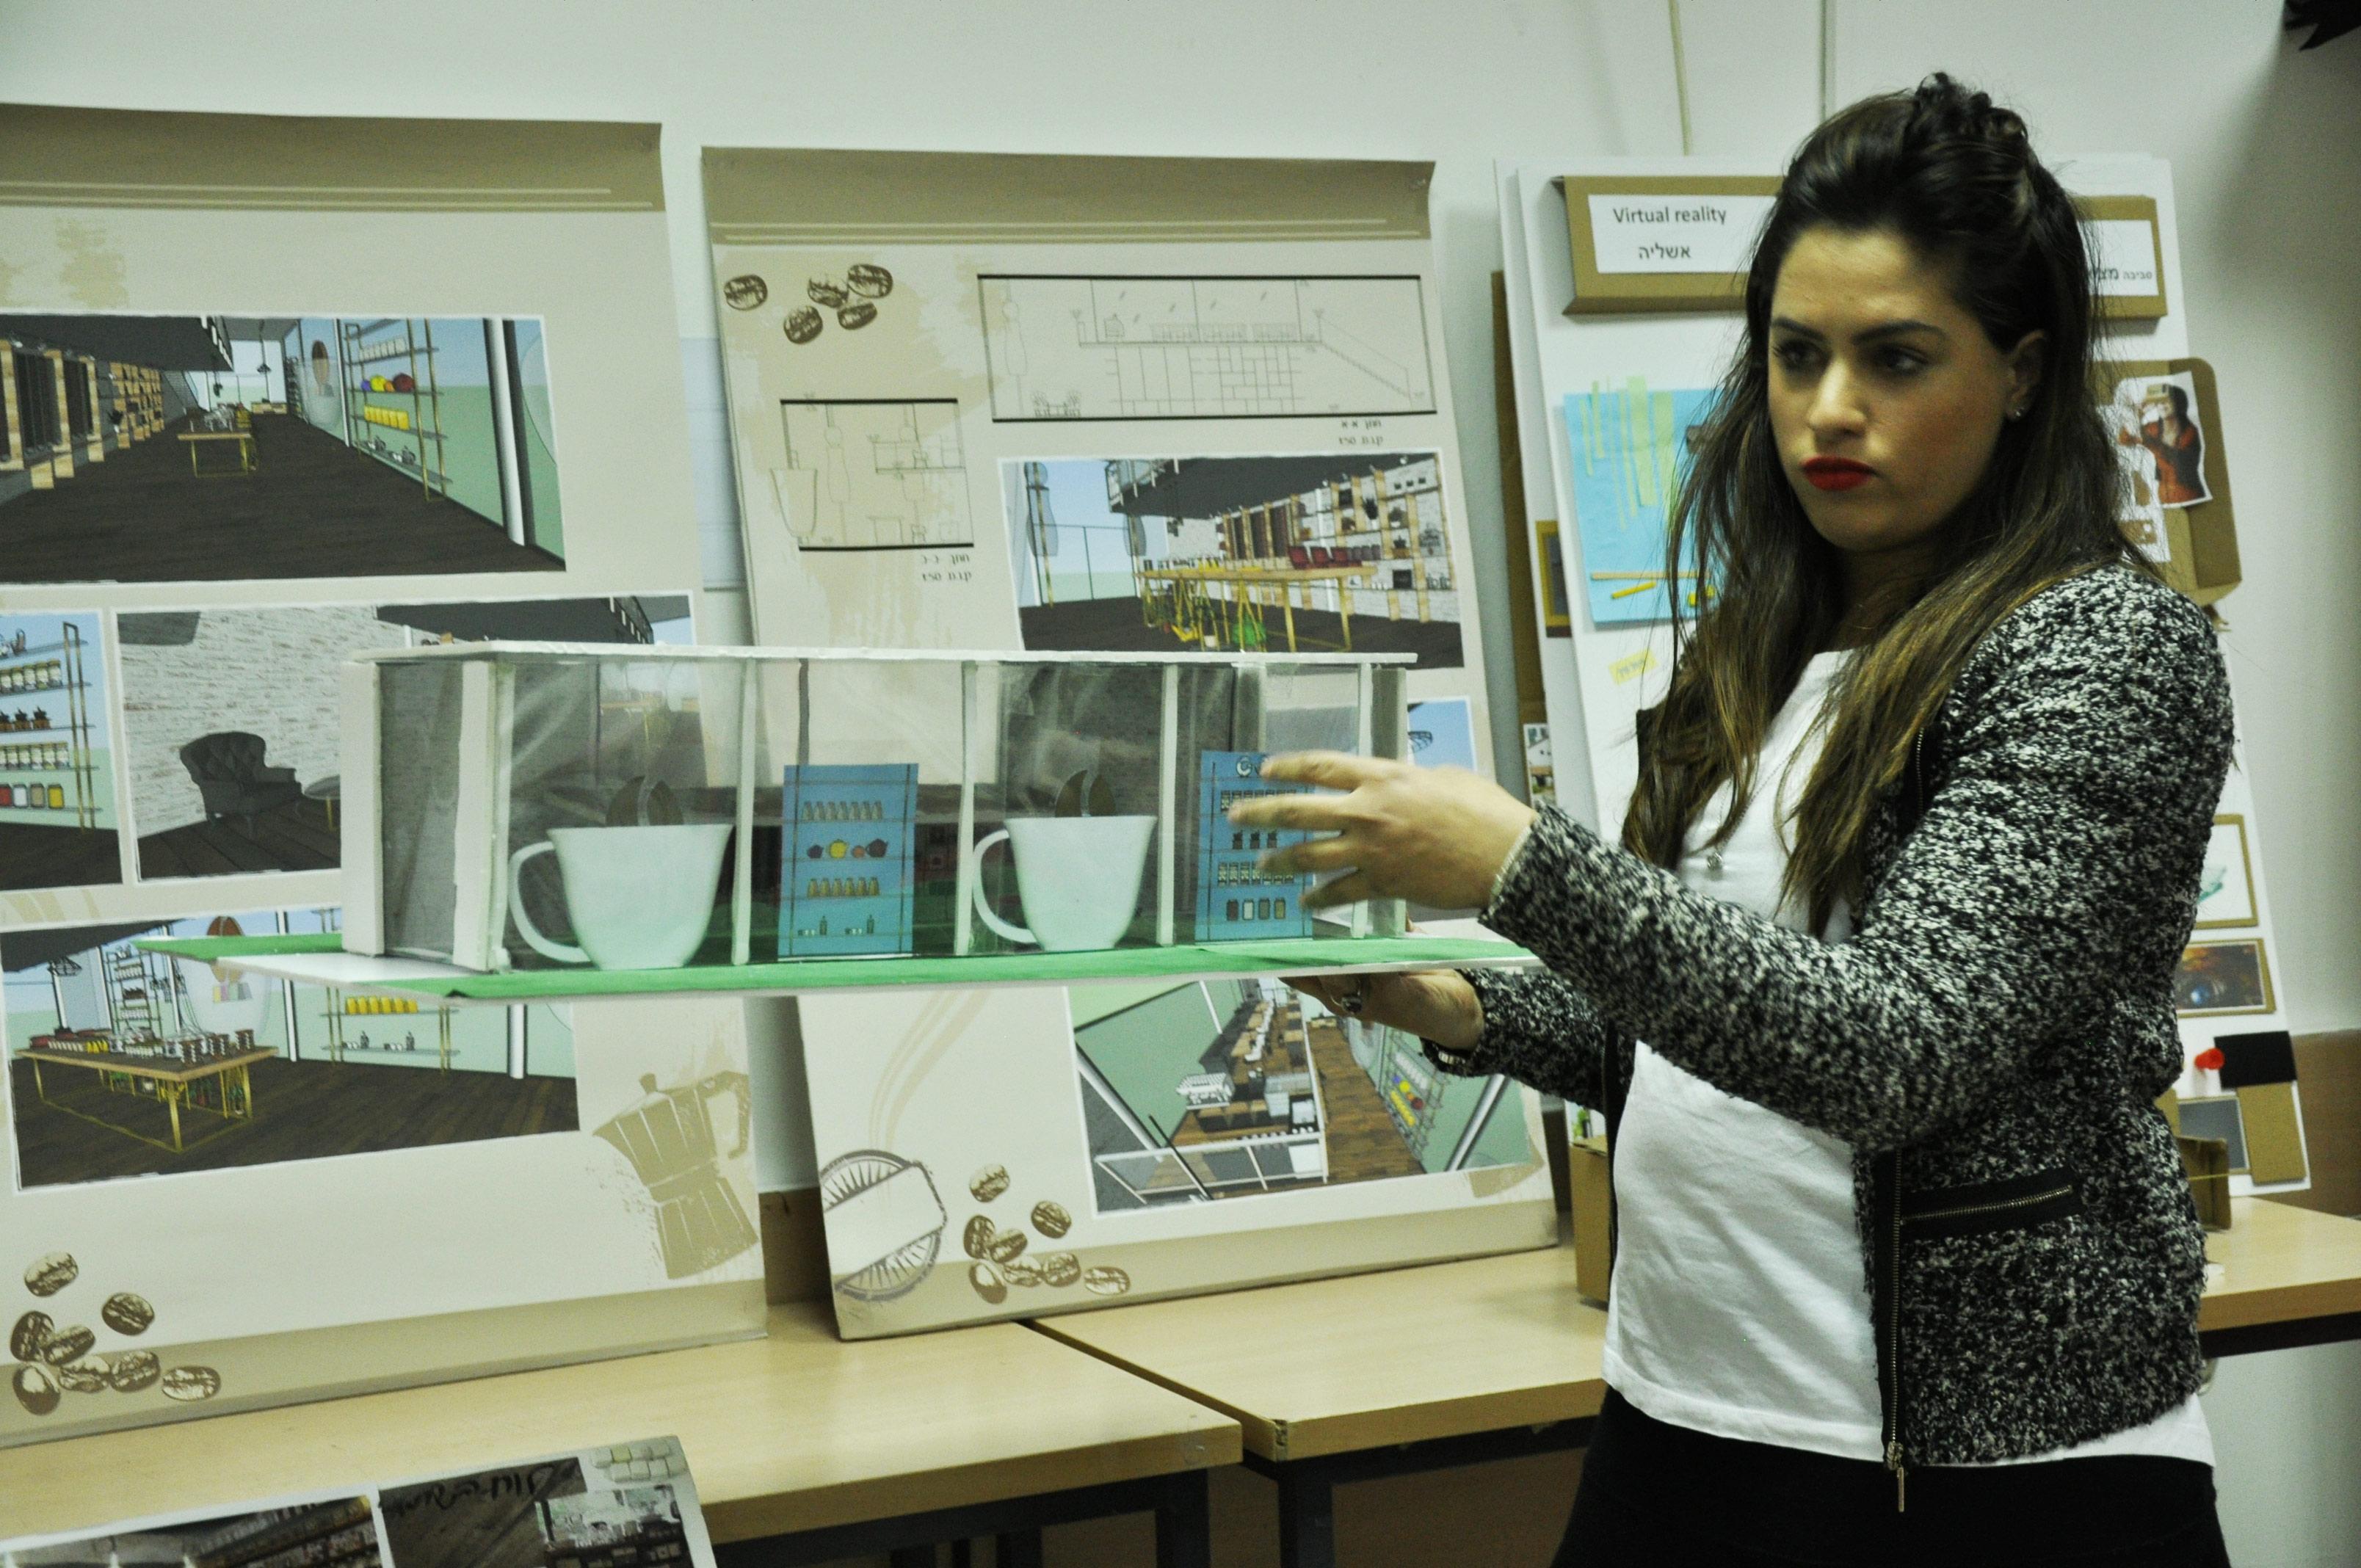 עבודות סטודנטים - קורס עיצוב פנים בשנקר הנדסאים